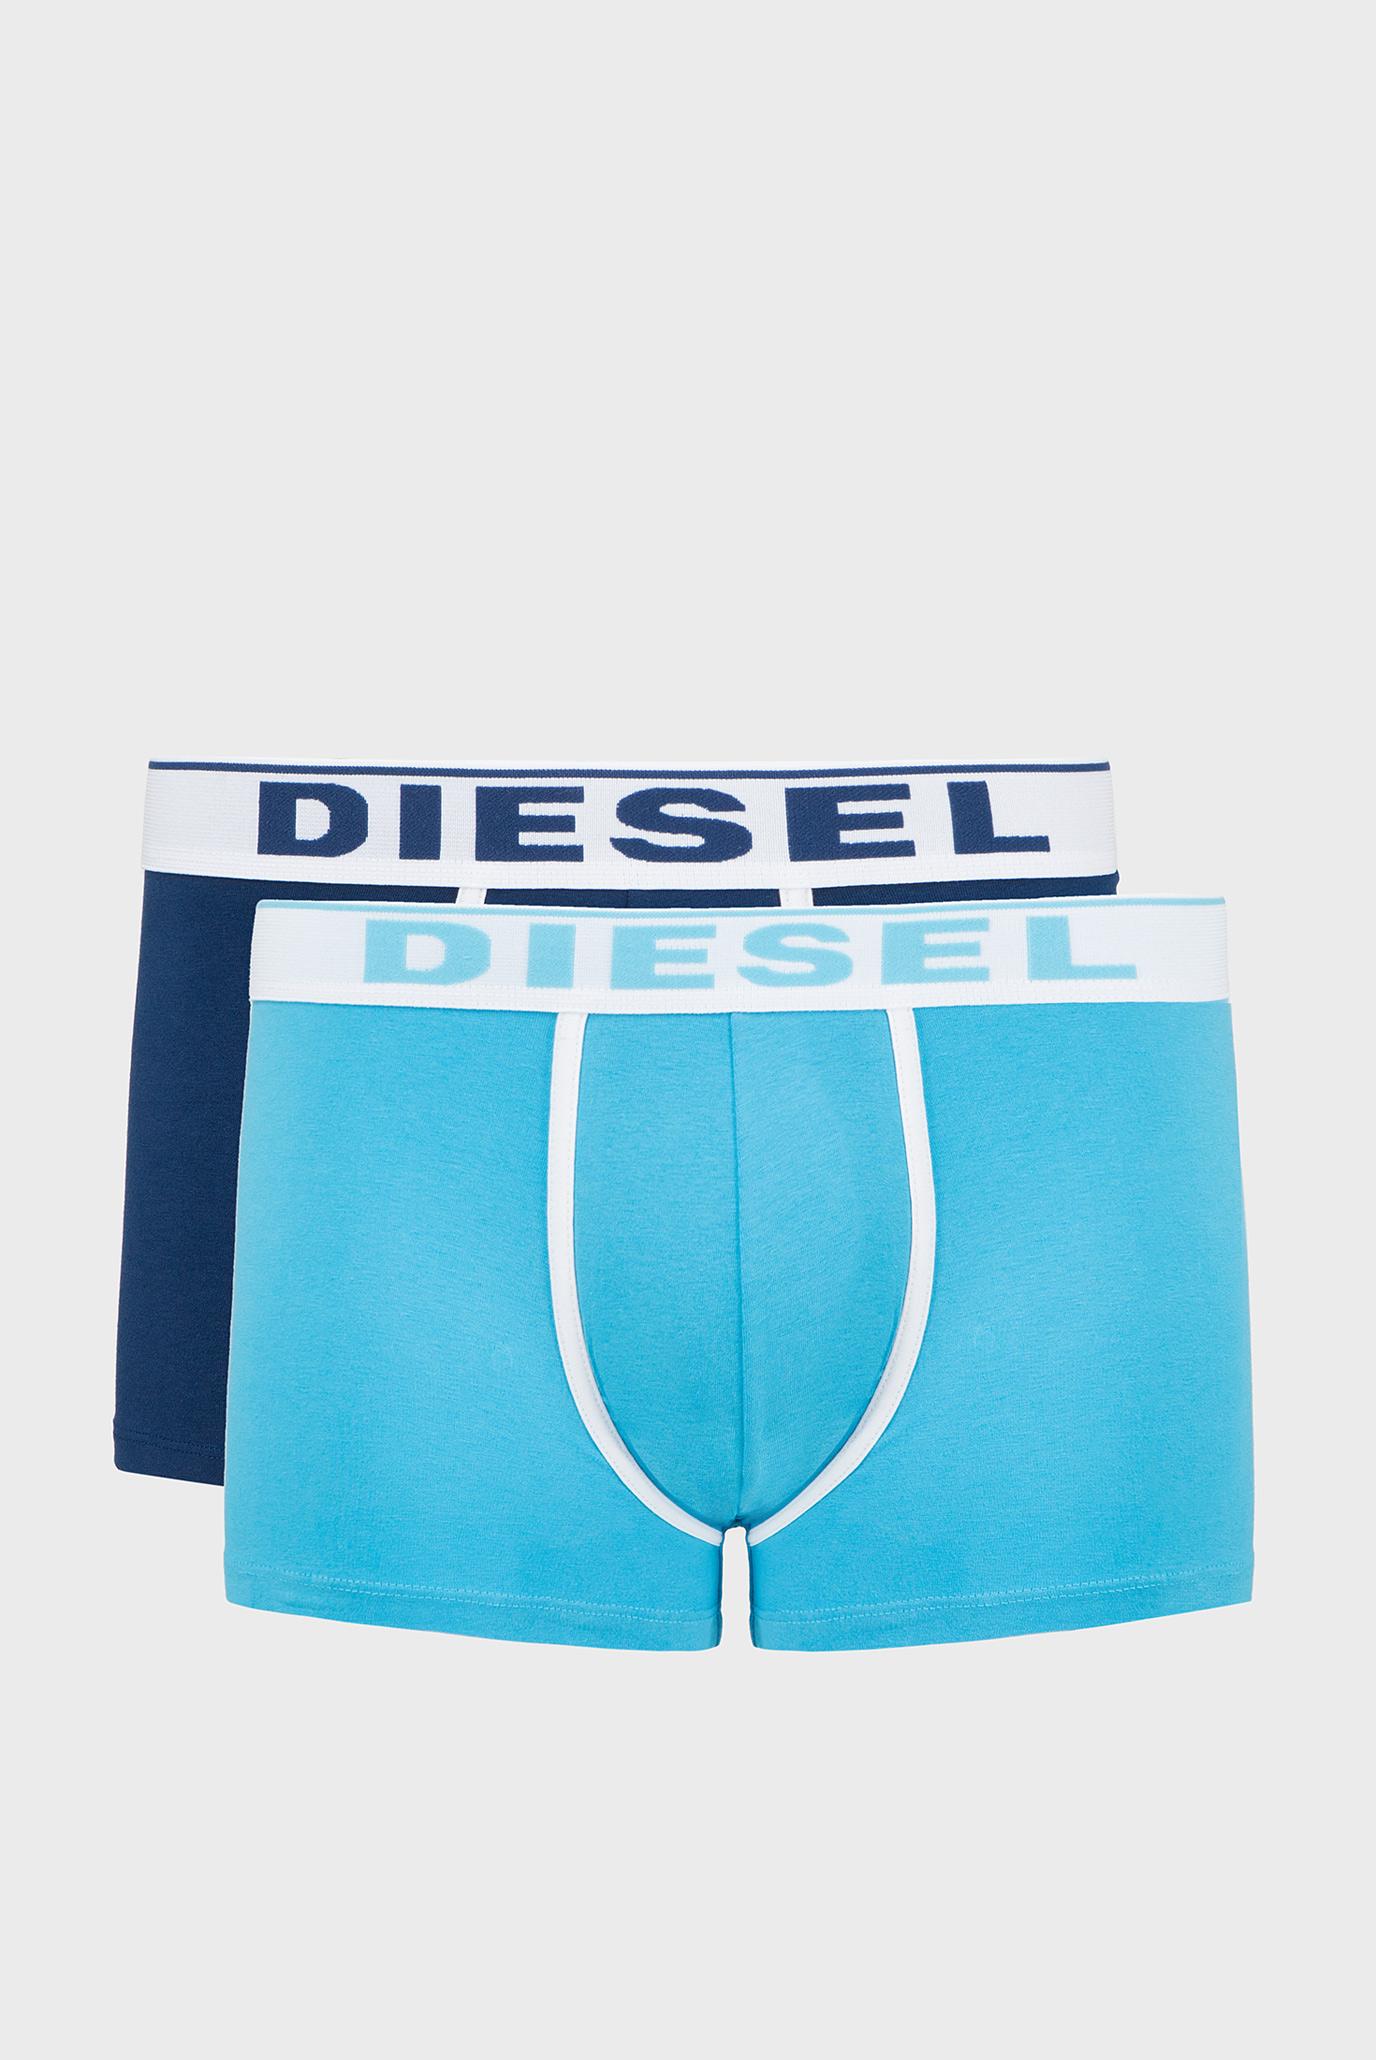 Купить Мужские хлопковые боксеры (2 шт) Diesel Diesel 00SMKX 0JKKC – Киев, Украина. Цены в интернет магазине MD Fashion